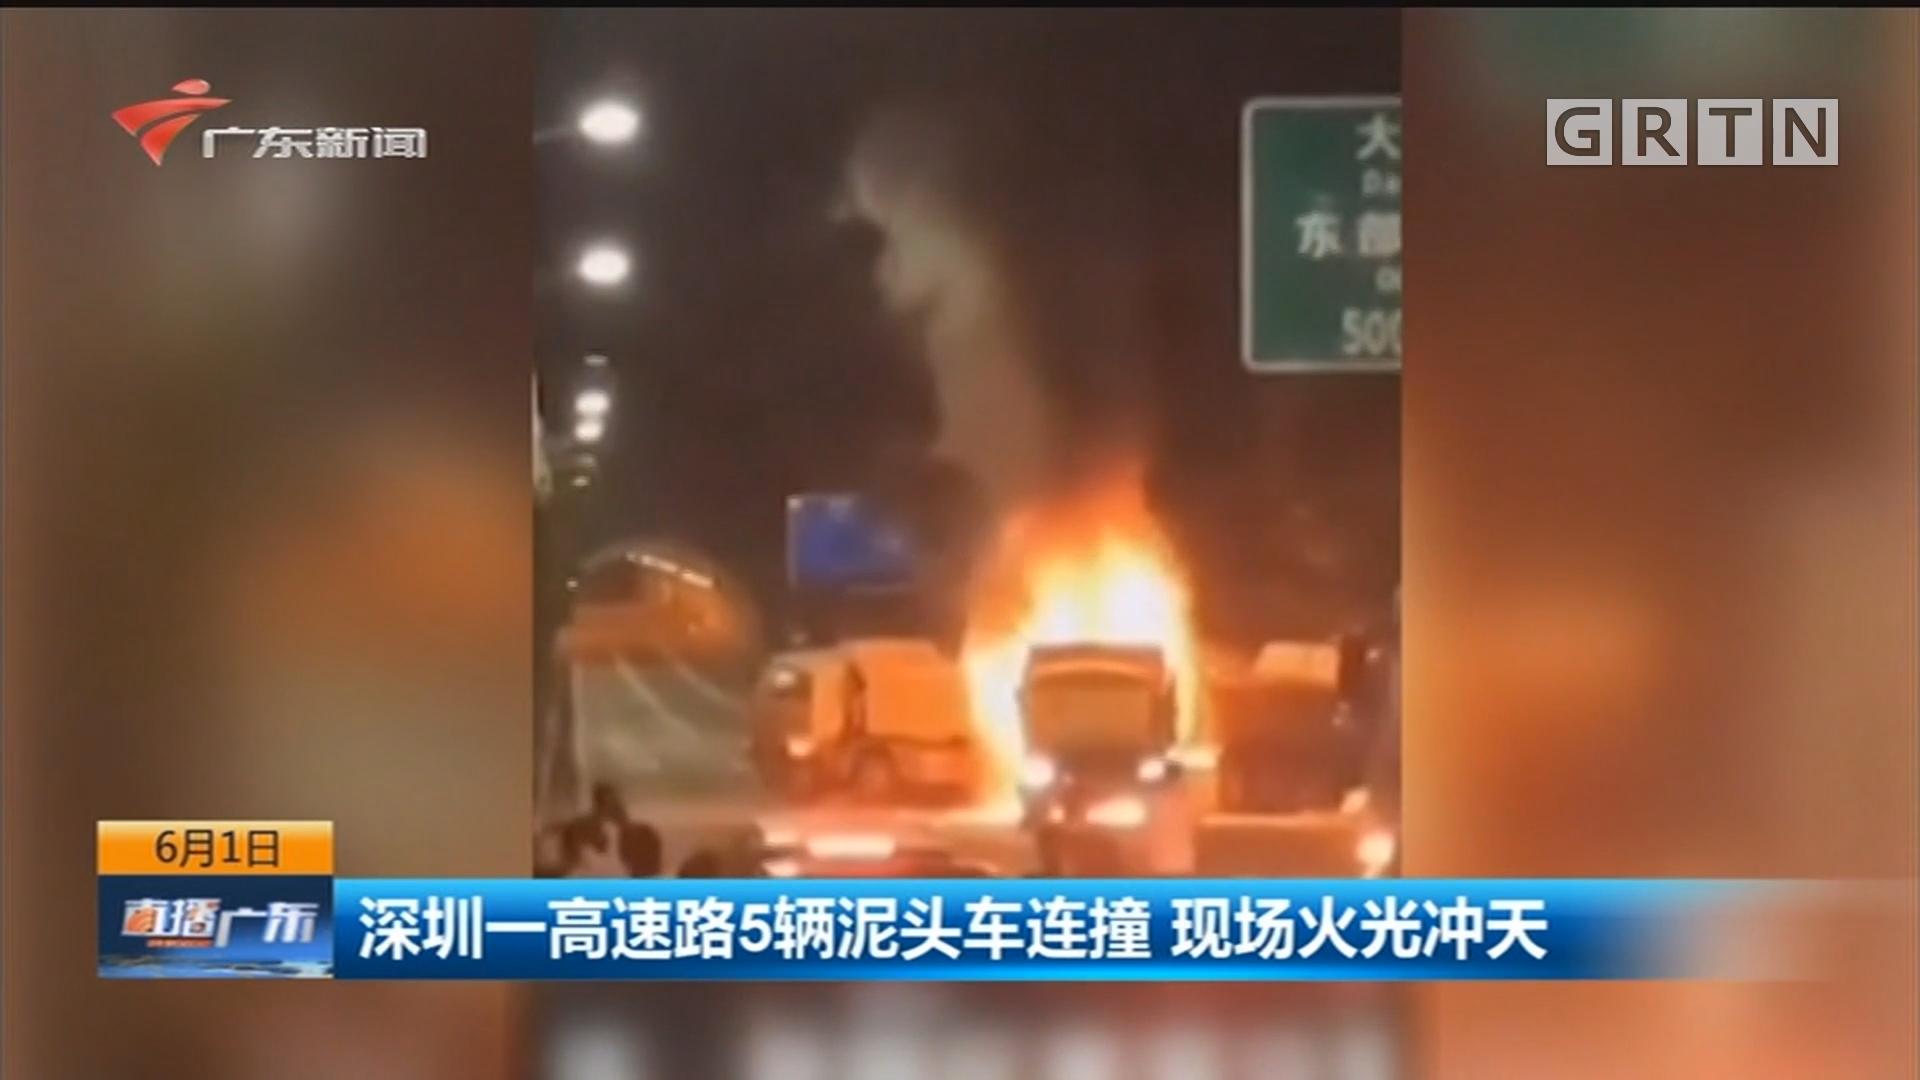 深圳一高速路5辆泥头车连撞 现场火光冲天